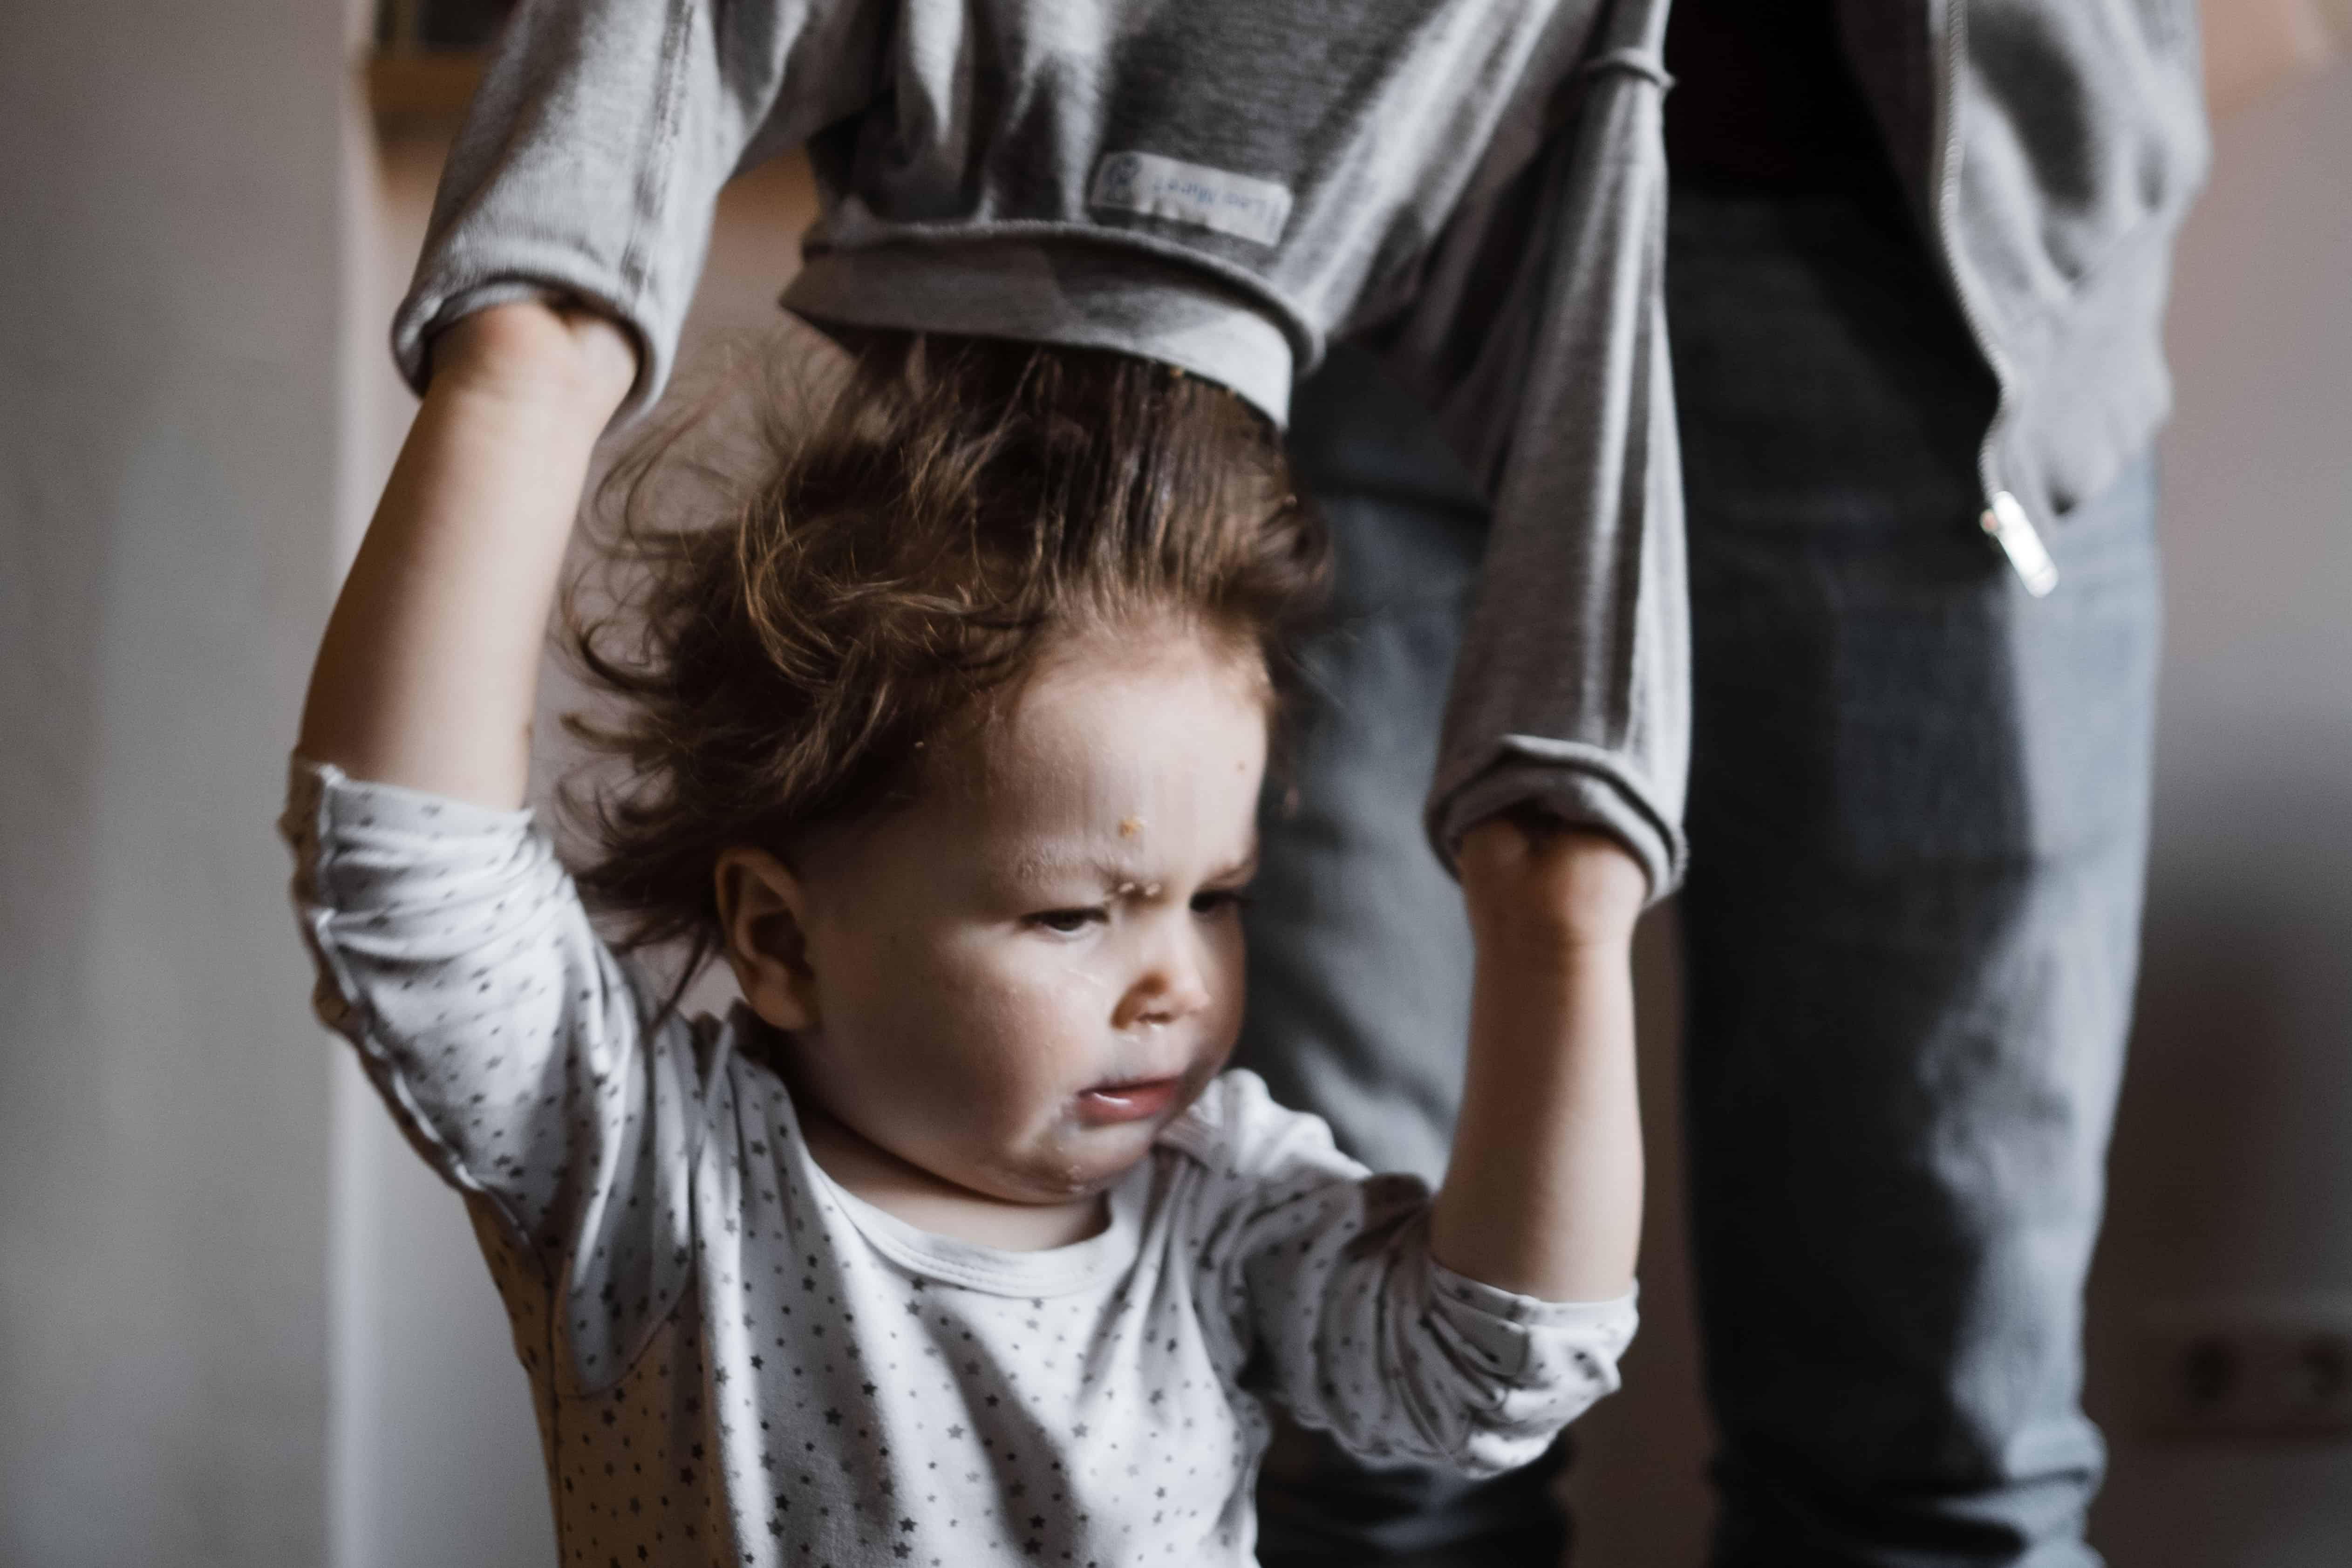 einem Kleinkind wird der dreckige Pullover über den Kopf gezogen, das Kind hebt die Arme dabei, man sieht das Gesicht des Kindes, es schaut nicht begeistert, hinter dem Kind steht der Vater, der dem Kind den Pullover auszieht